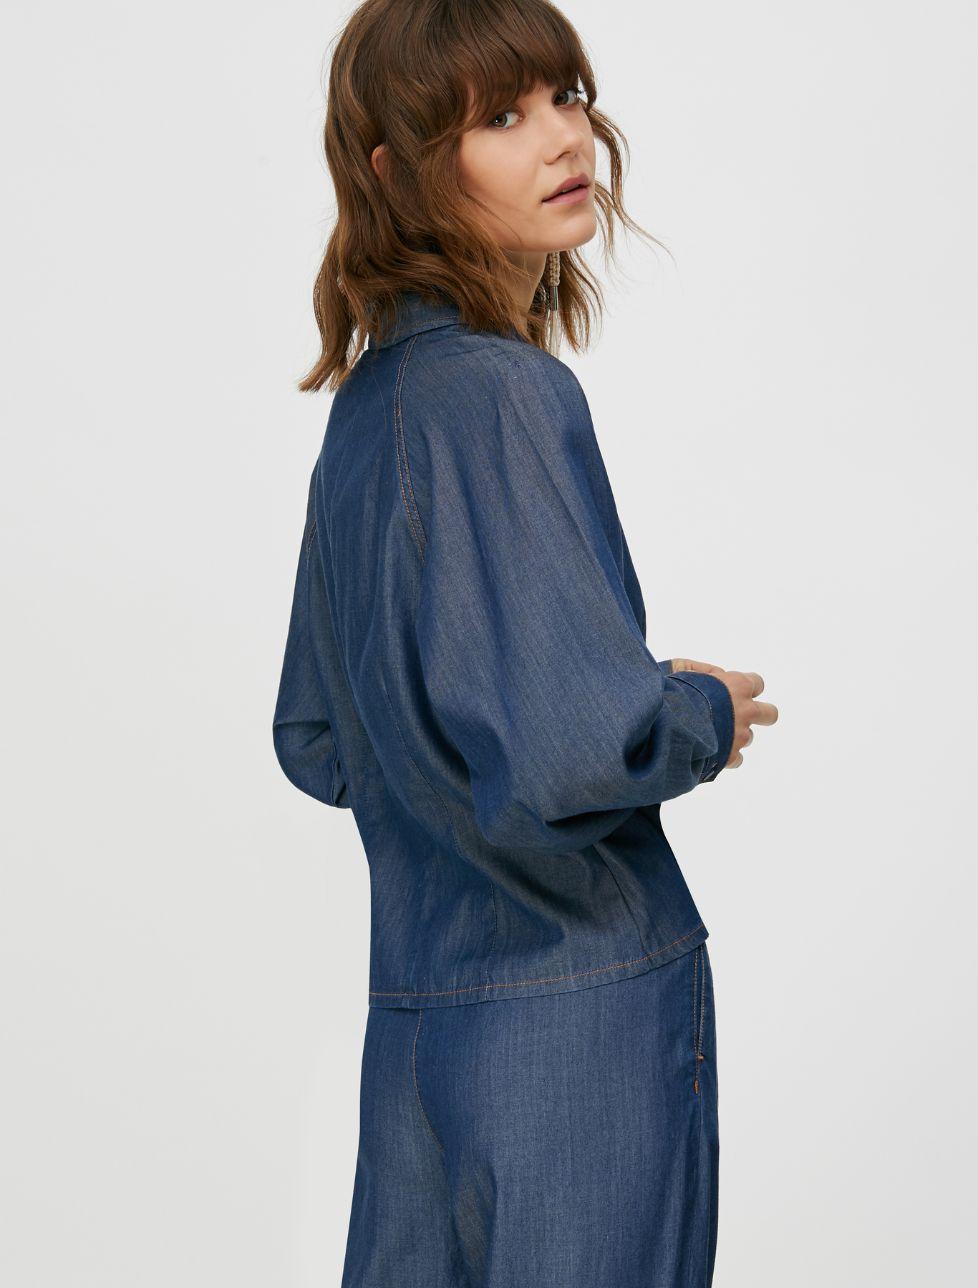 DIRIGERE Shirt midnight blue 2